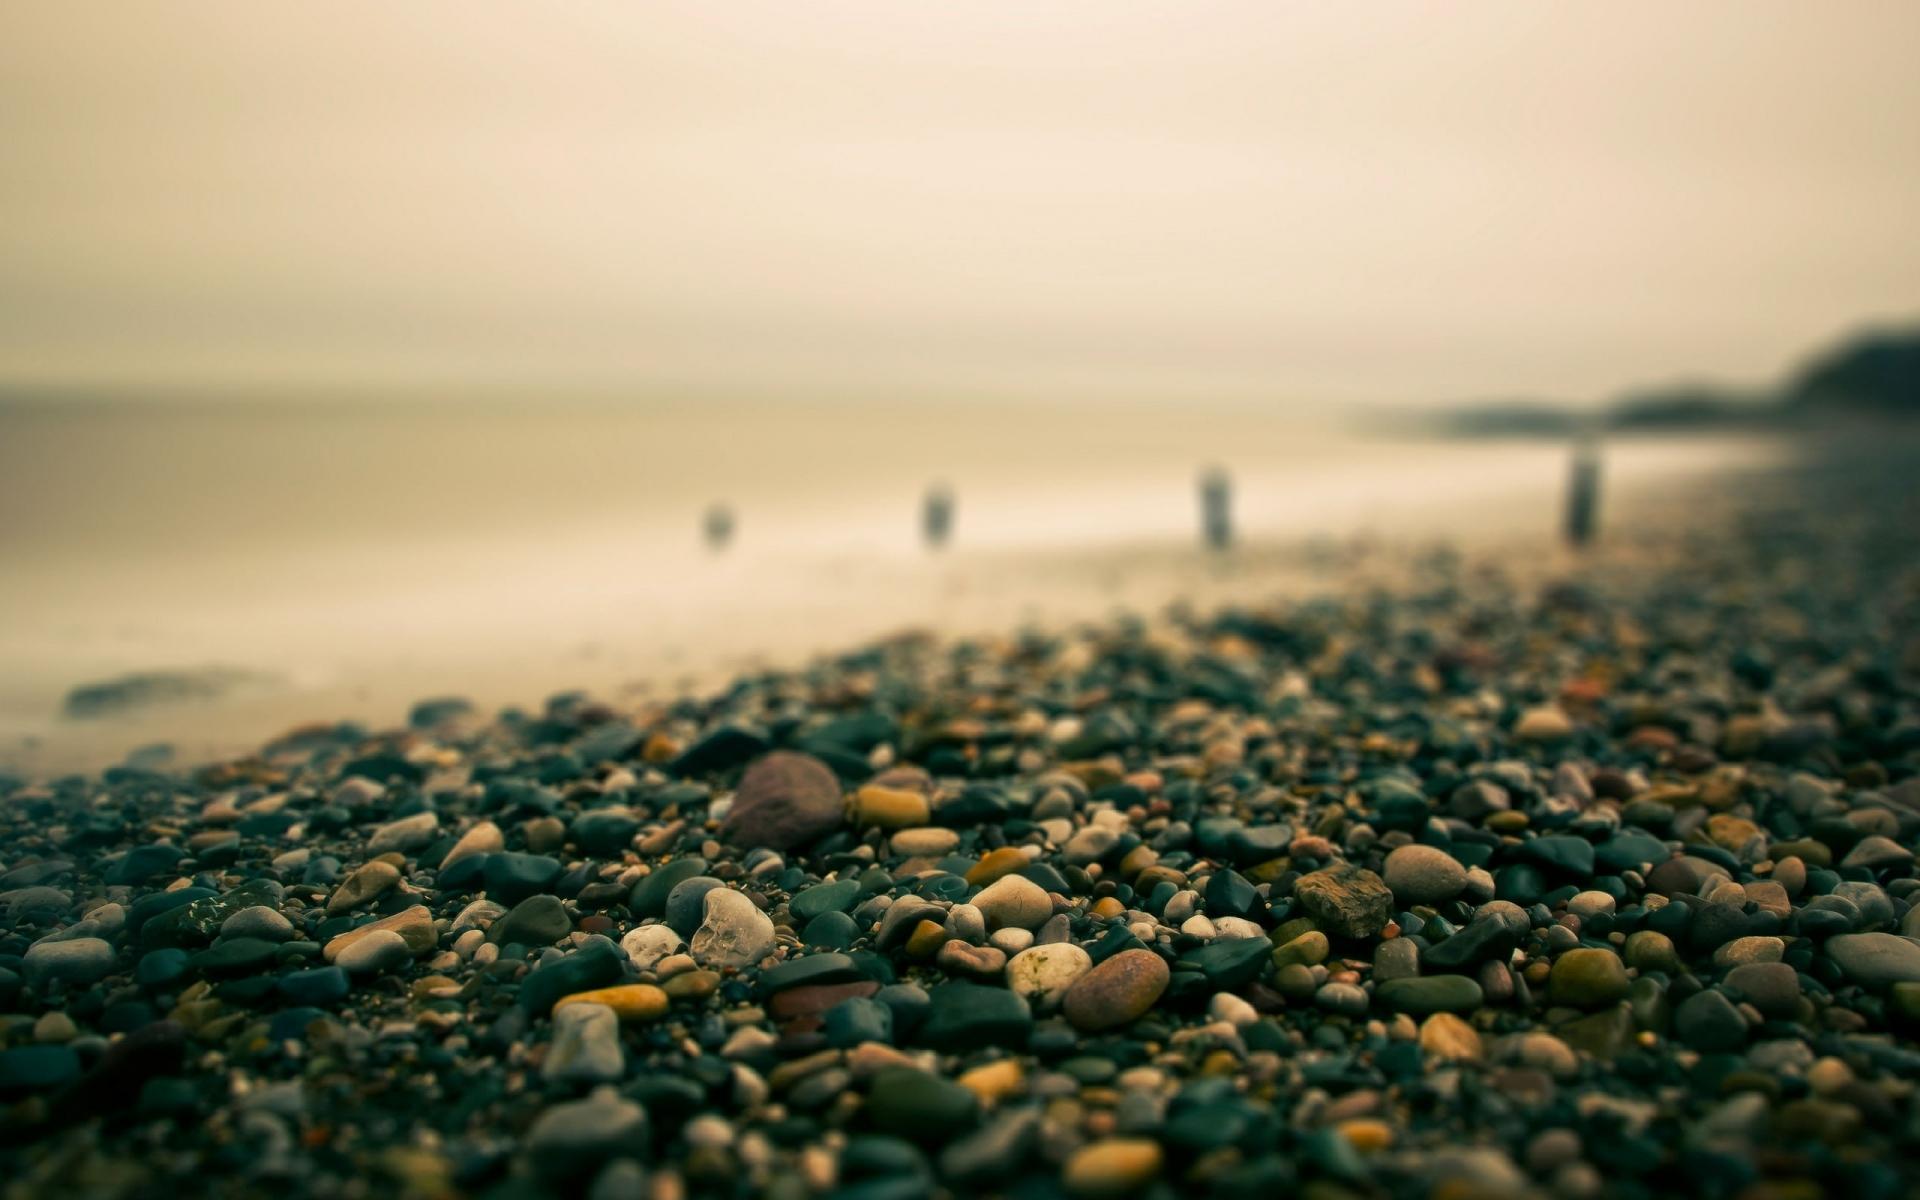 море склон камни  № 1569179 загрузить